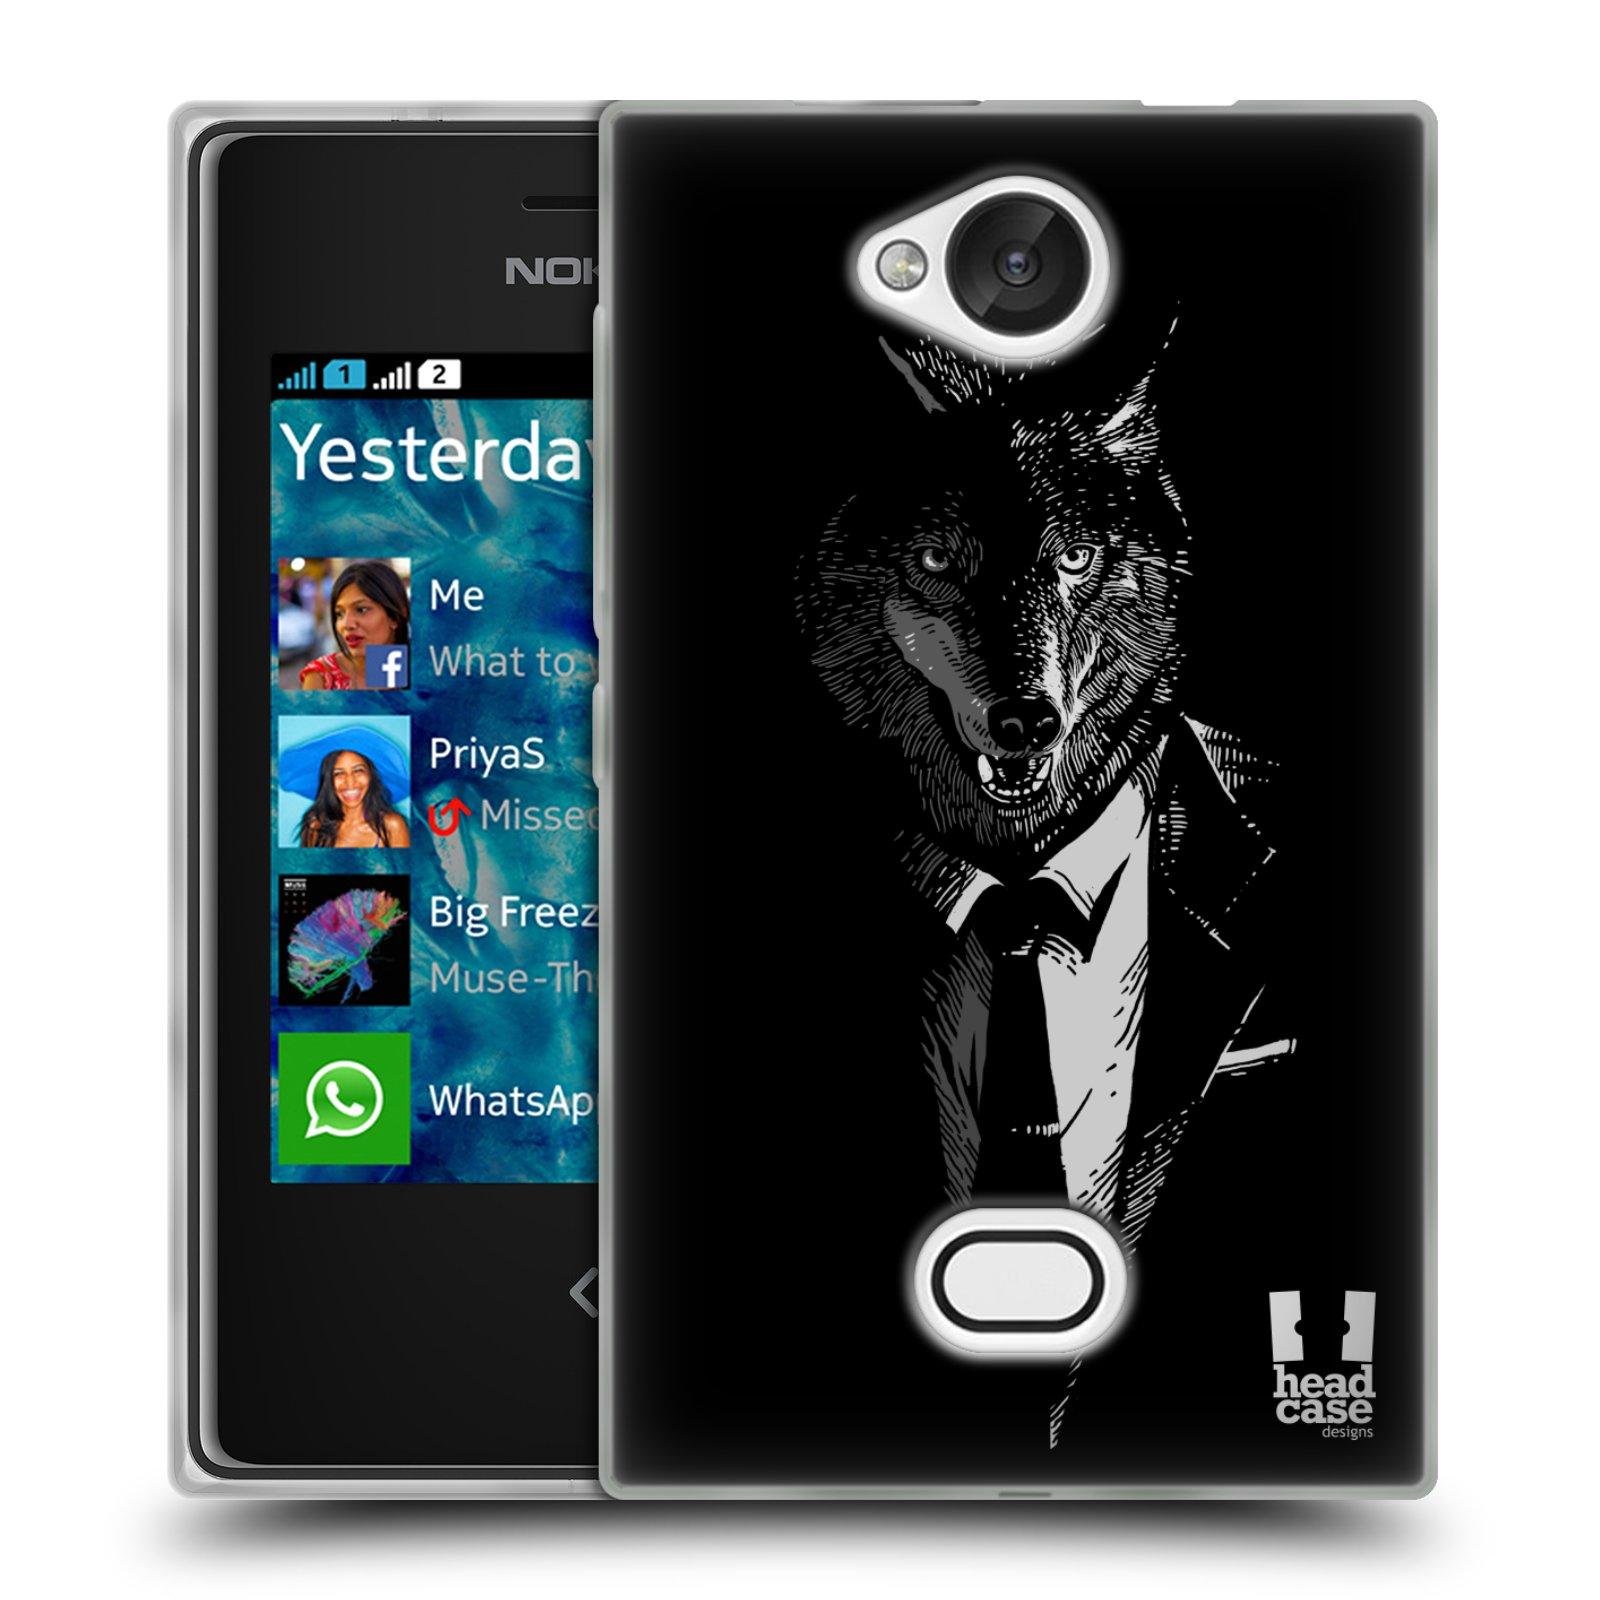 HEAD CASE silikonový obal na mobil NOKIA Asha 503 vzor Zvíře v obleku vlk